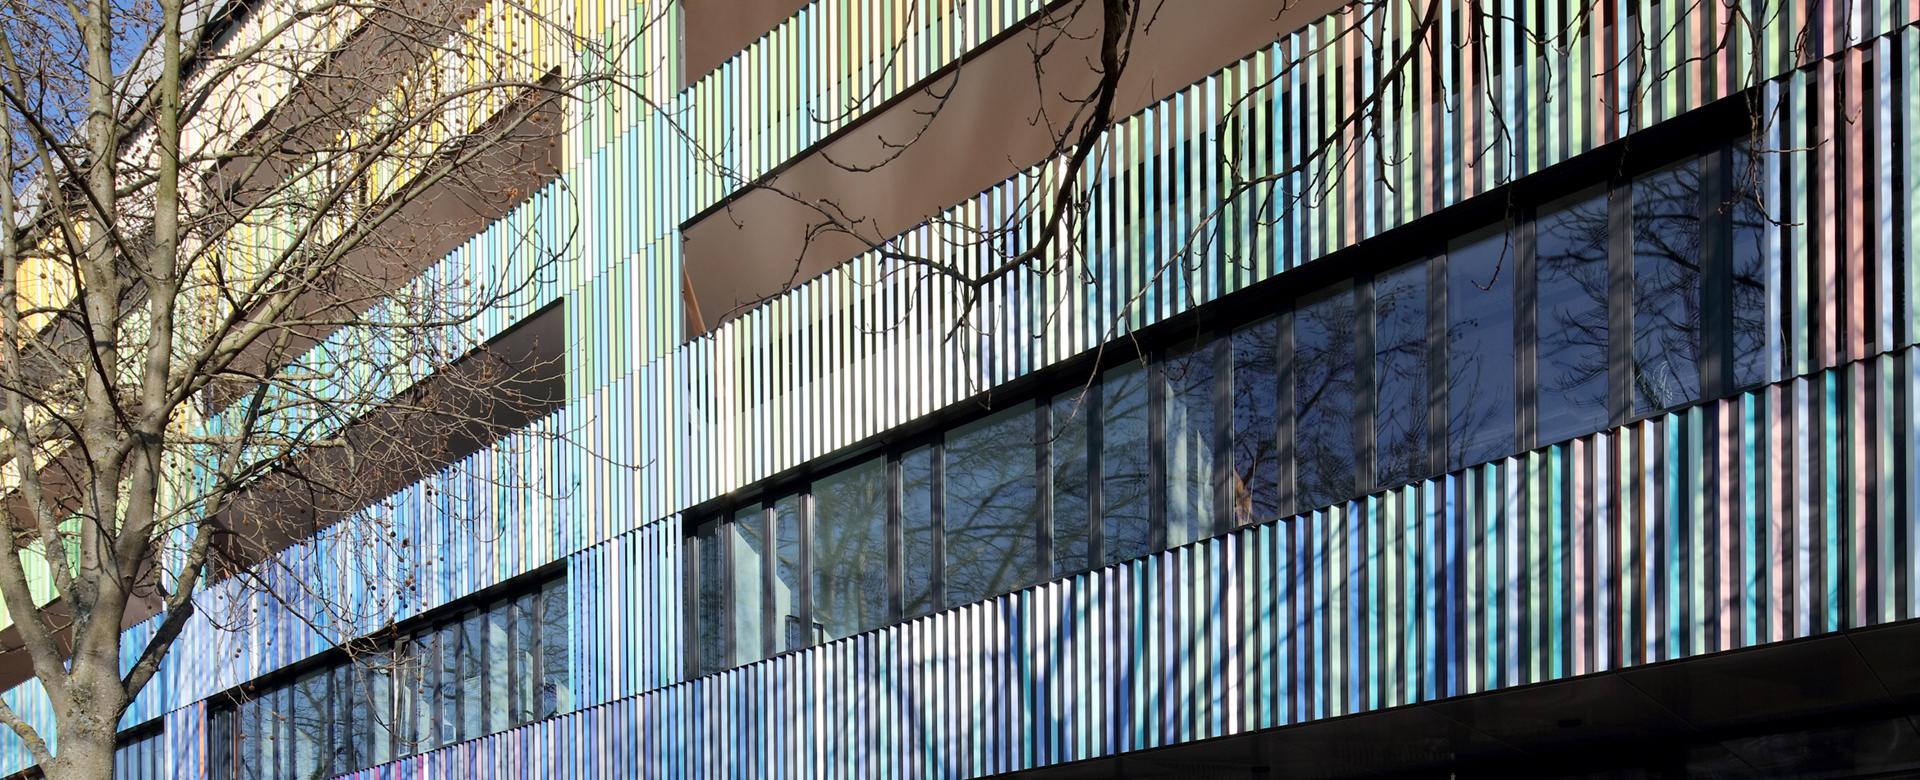 Fassadenlamellen des Marrahauses in Blau-, Grün- und Gelbtönen